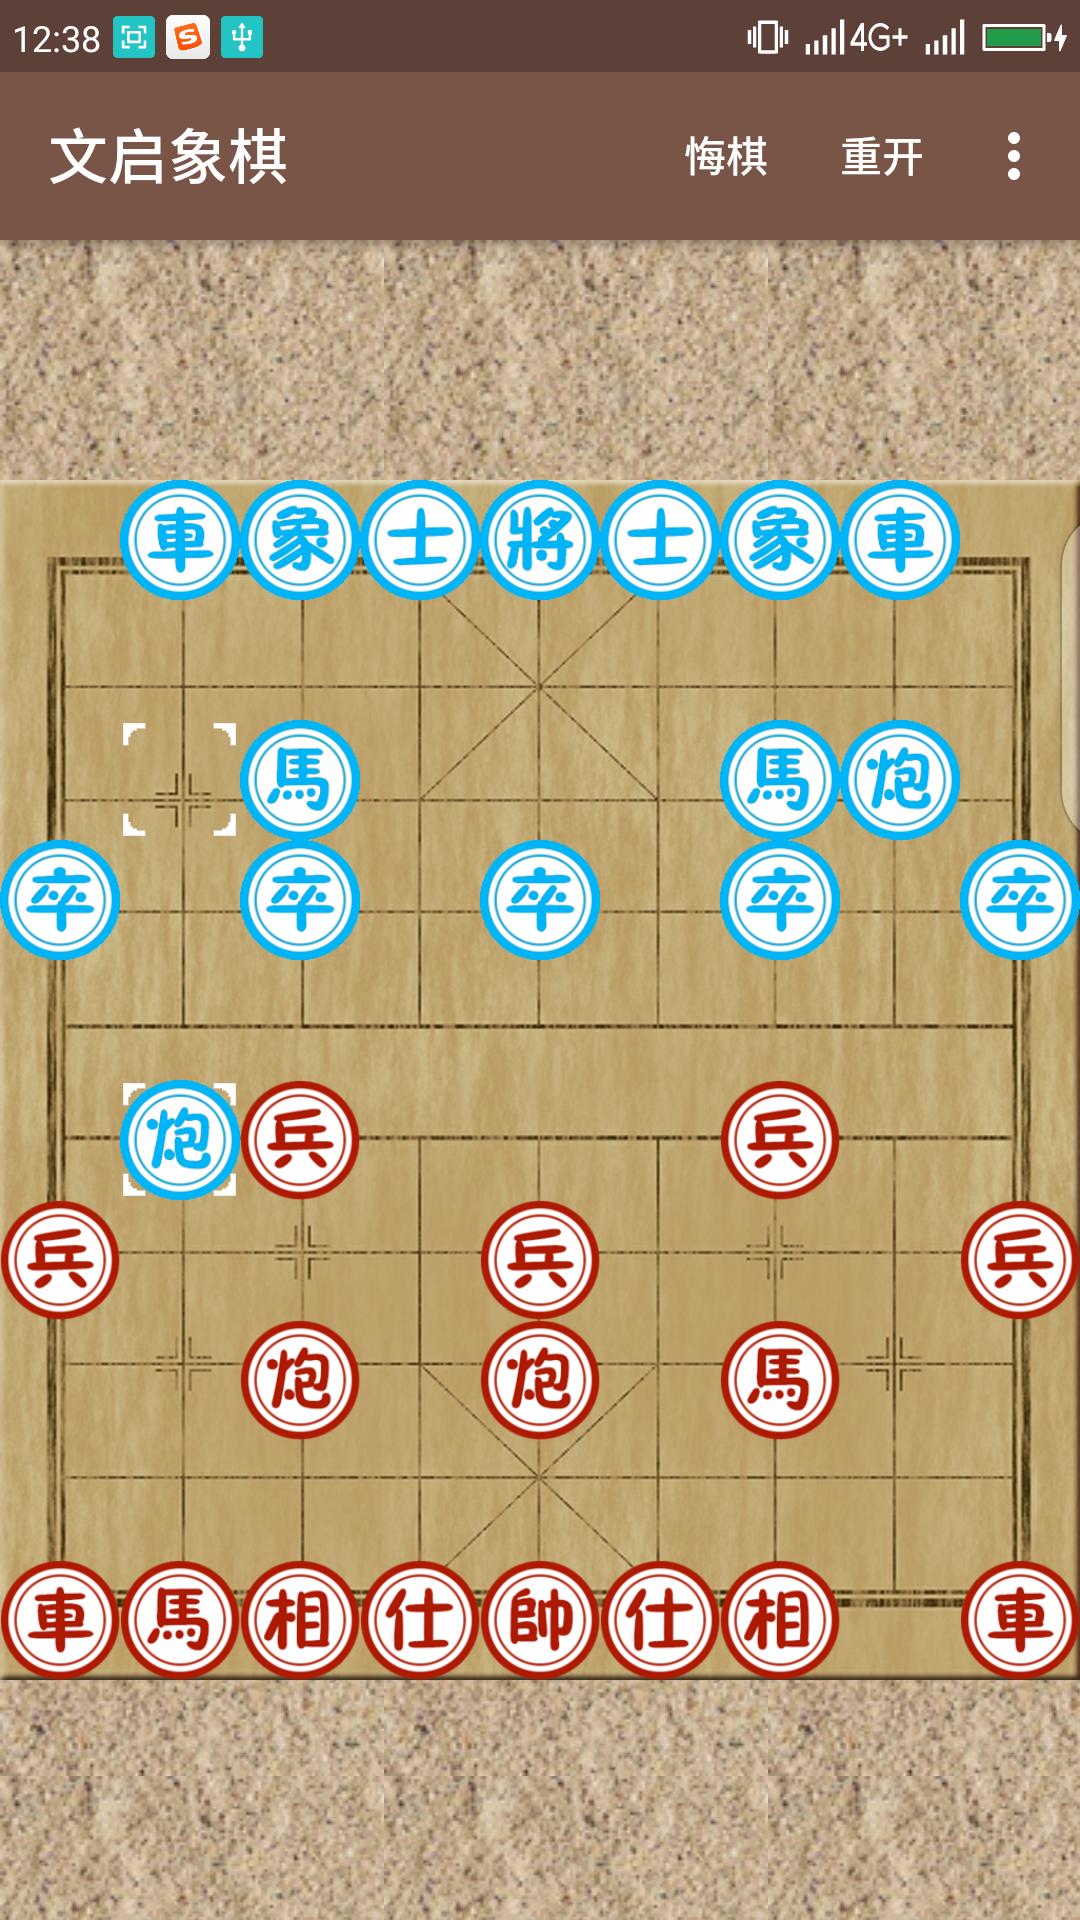 文启象棋截图